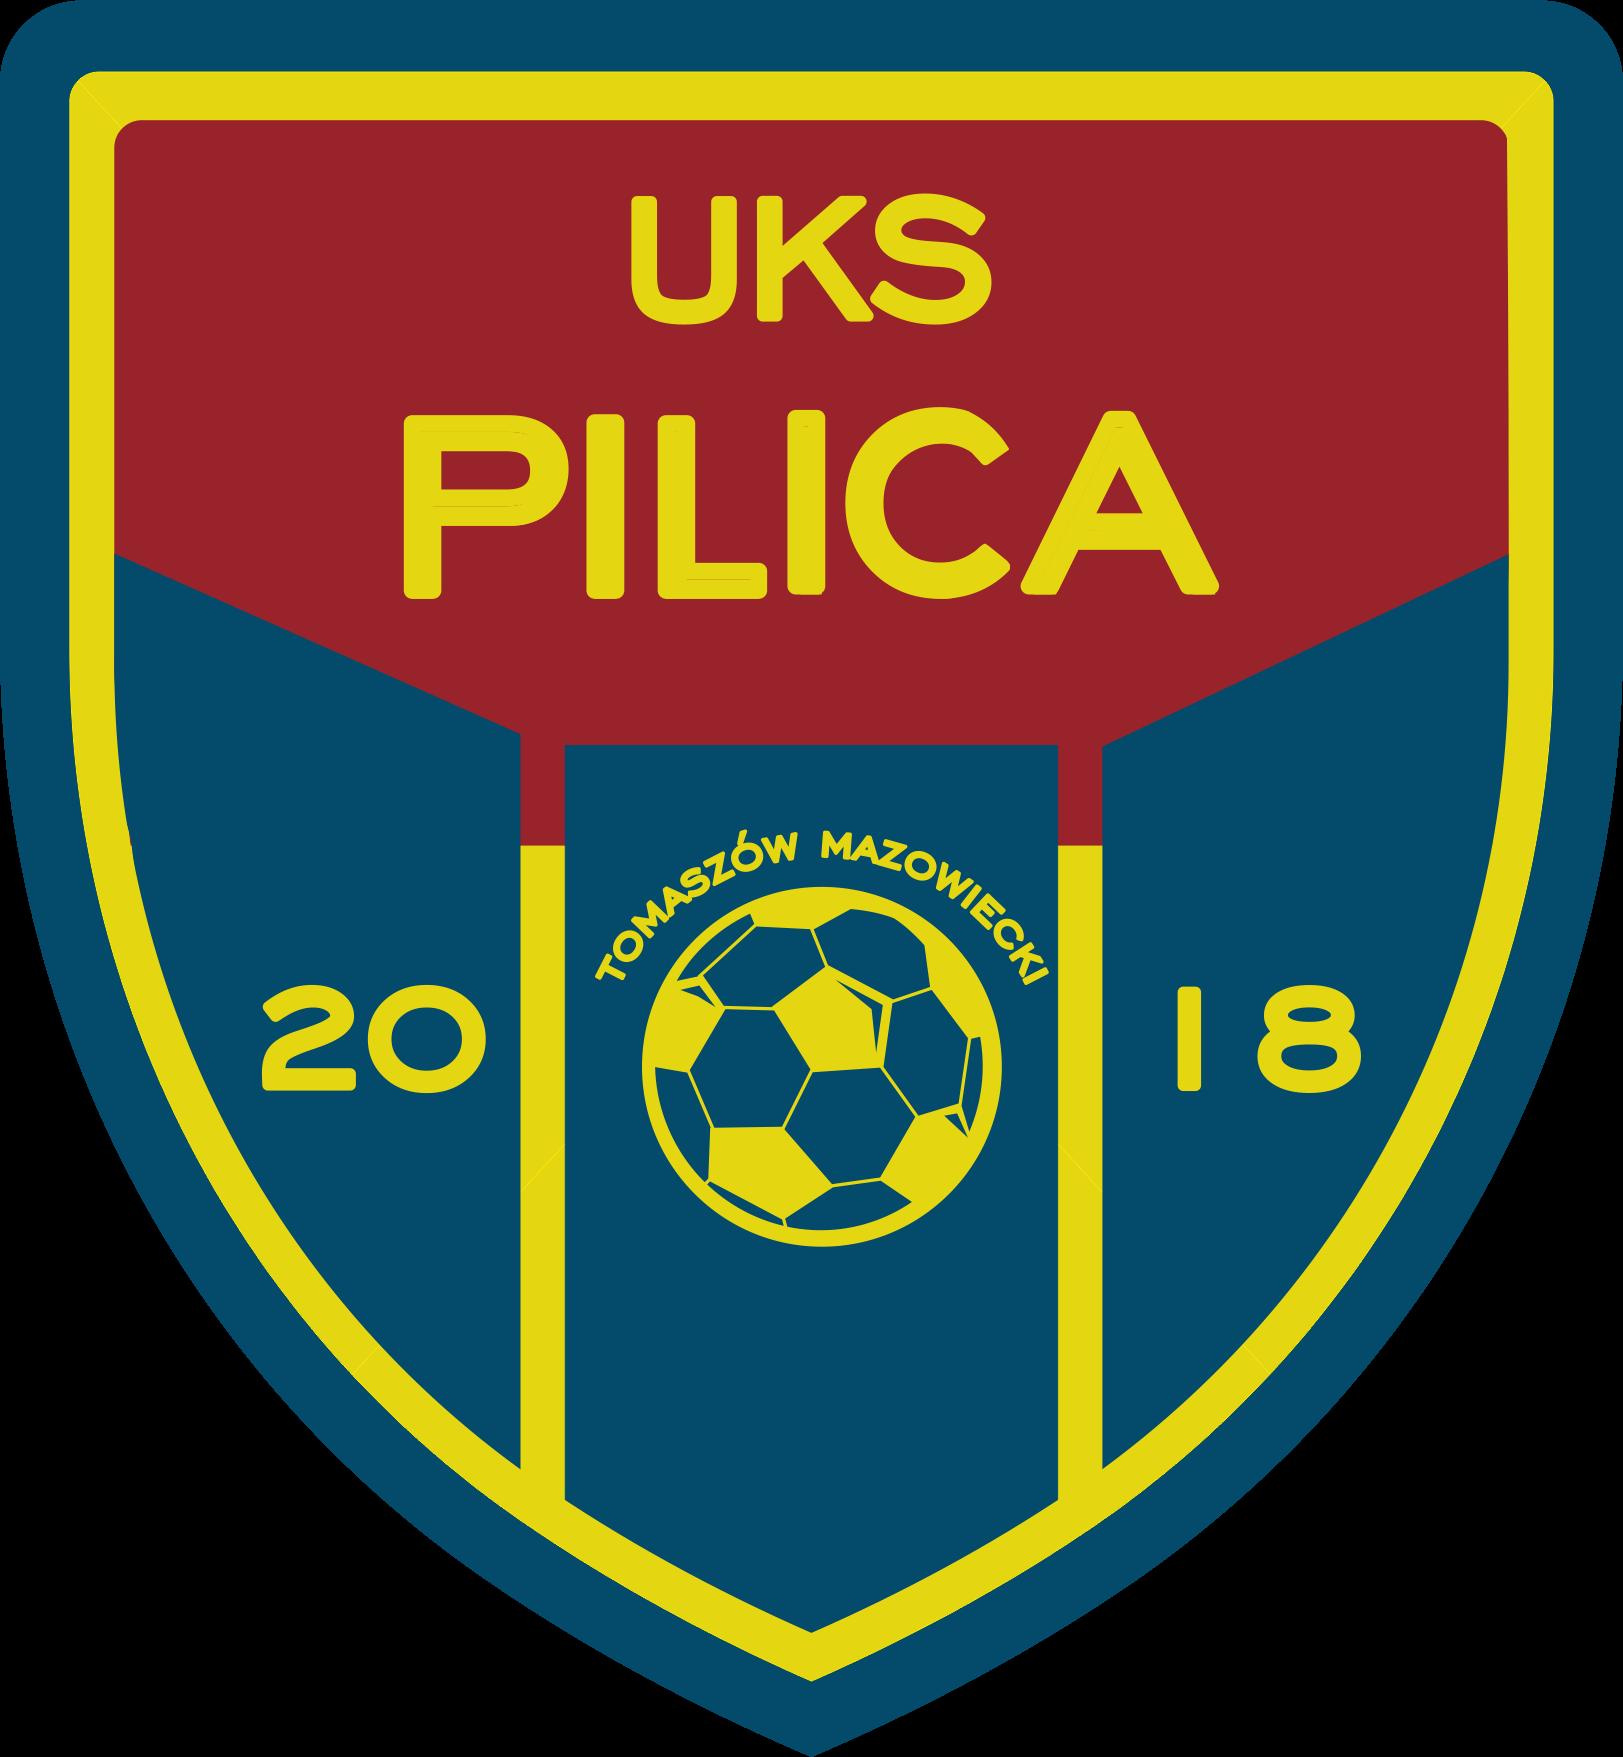 UKS PILICA